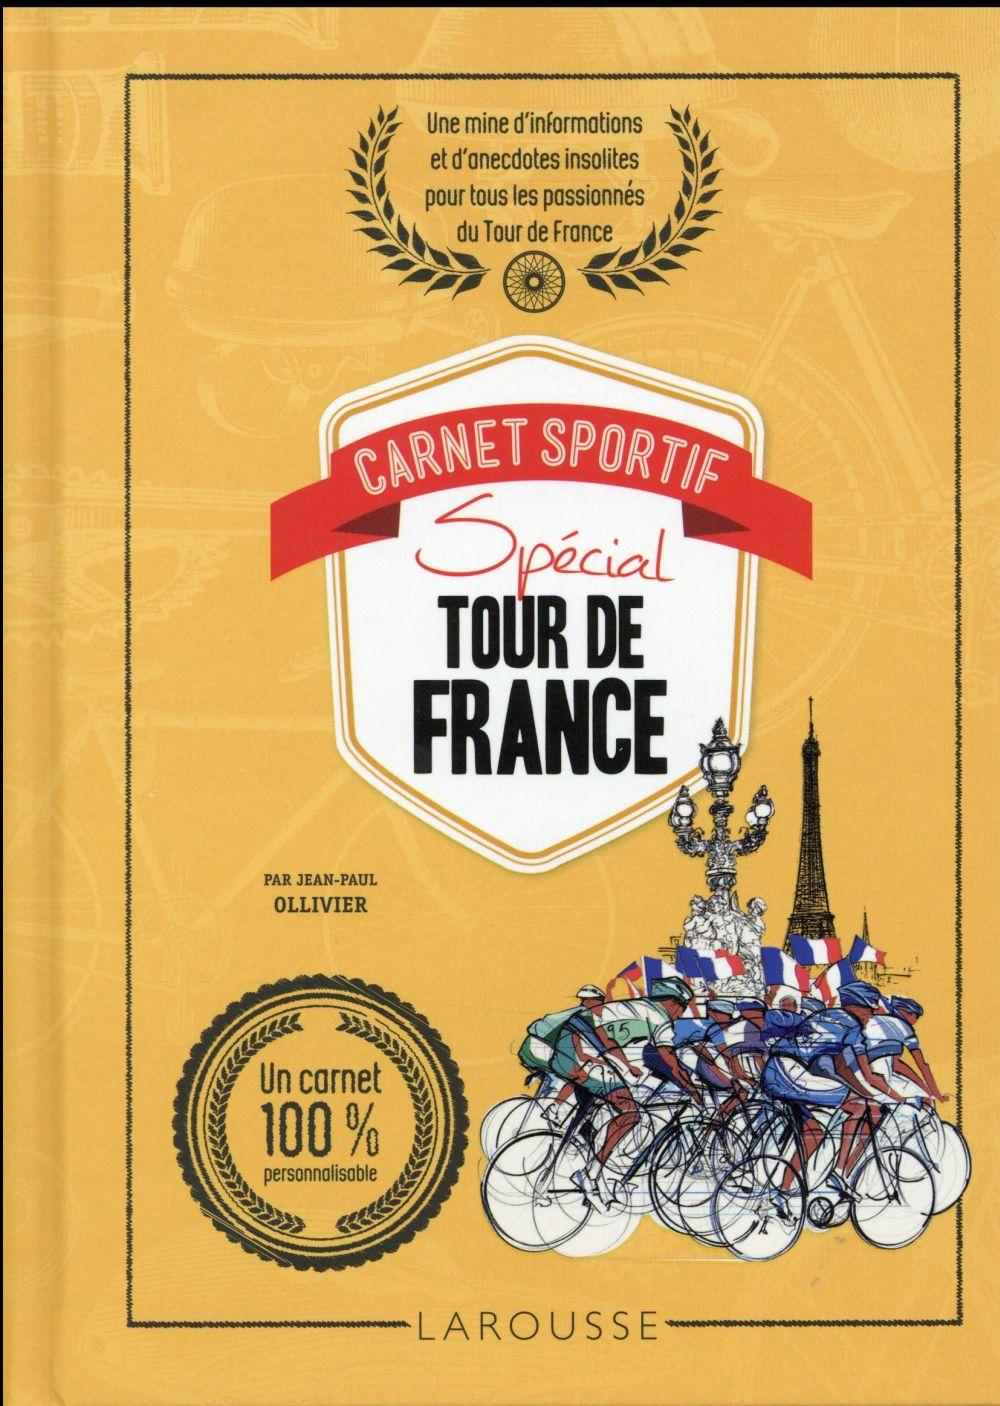 CARNET SPORTIF SPECIAL TOUR DE FRANCE